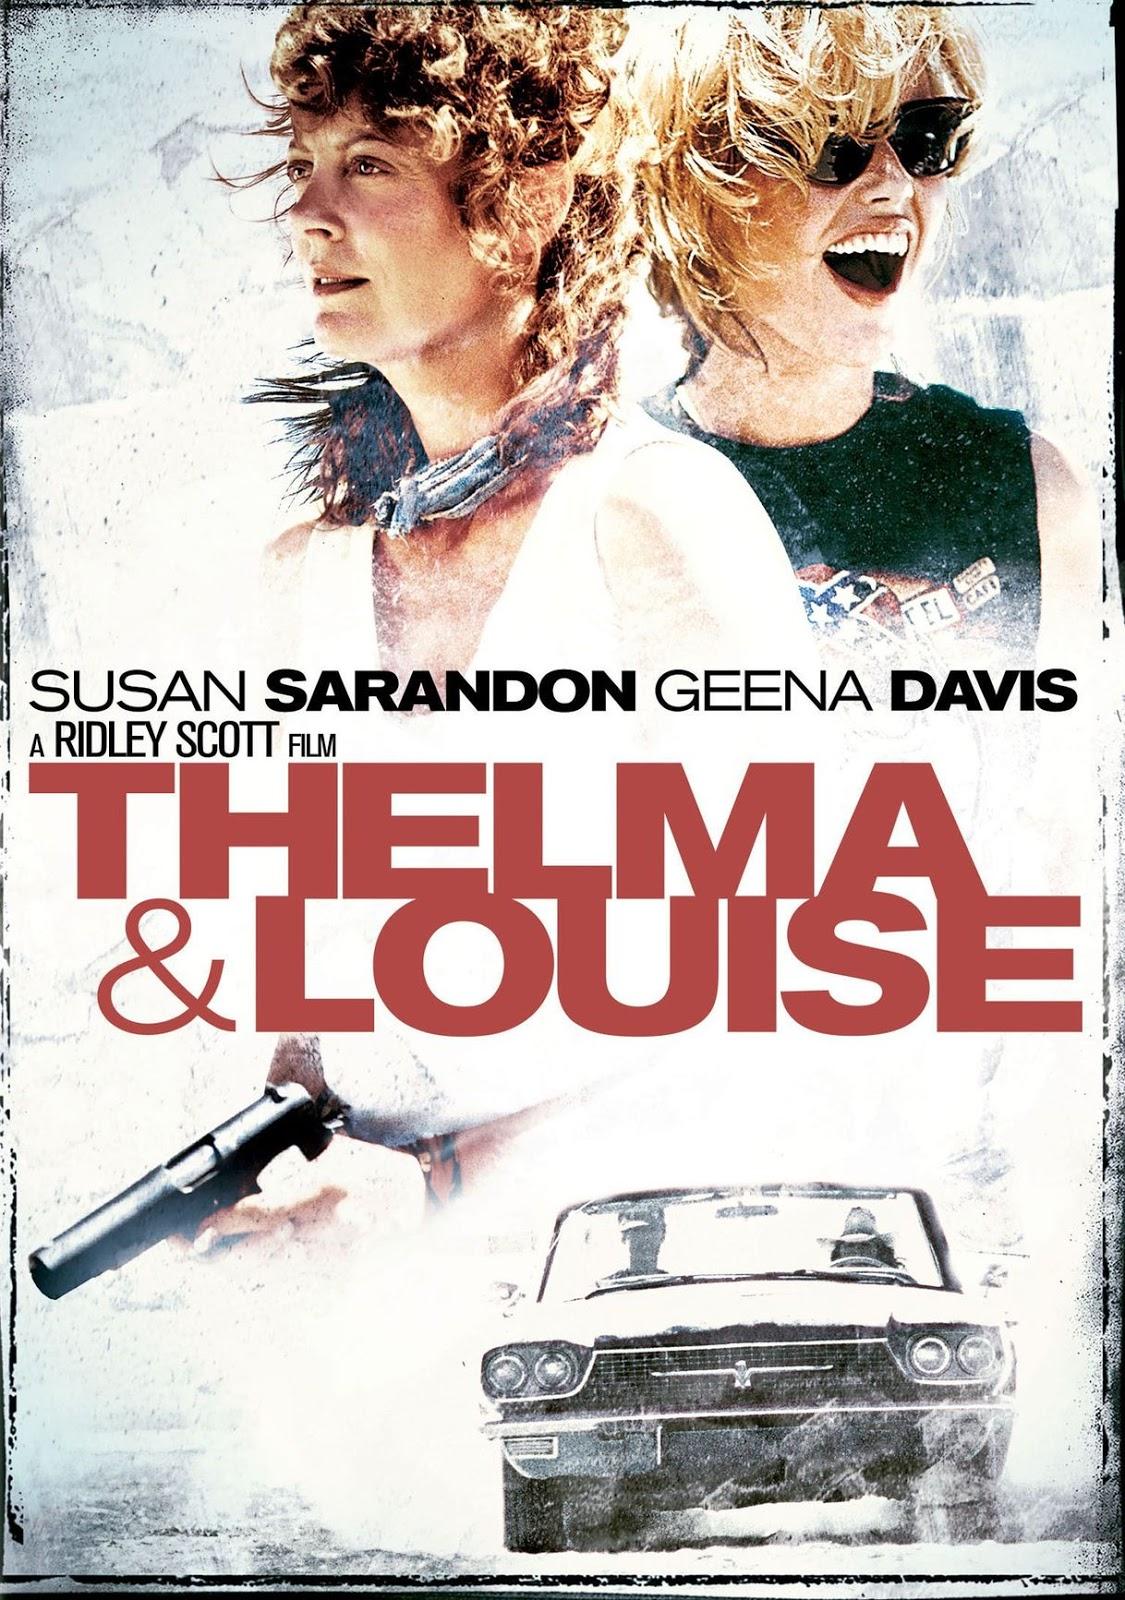 Thelma & Louise (1991) เธลม่า แอนด์ หลุยส์.มีมั่งไหมผู้ชายดีๆสักคน